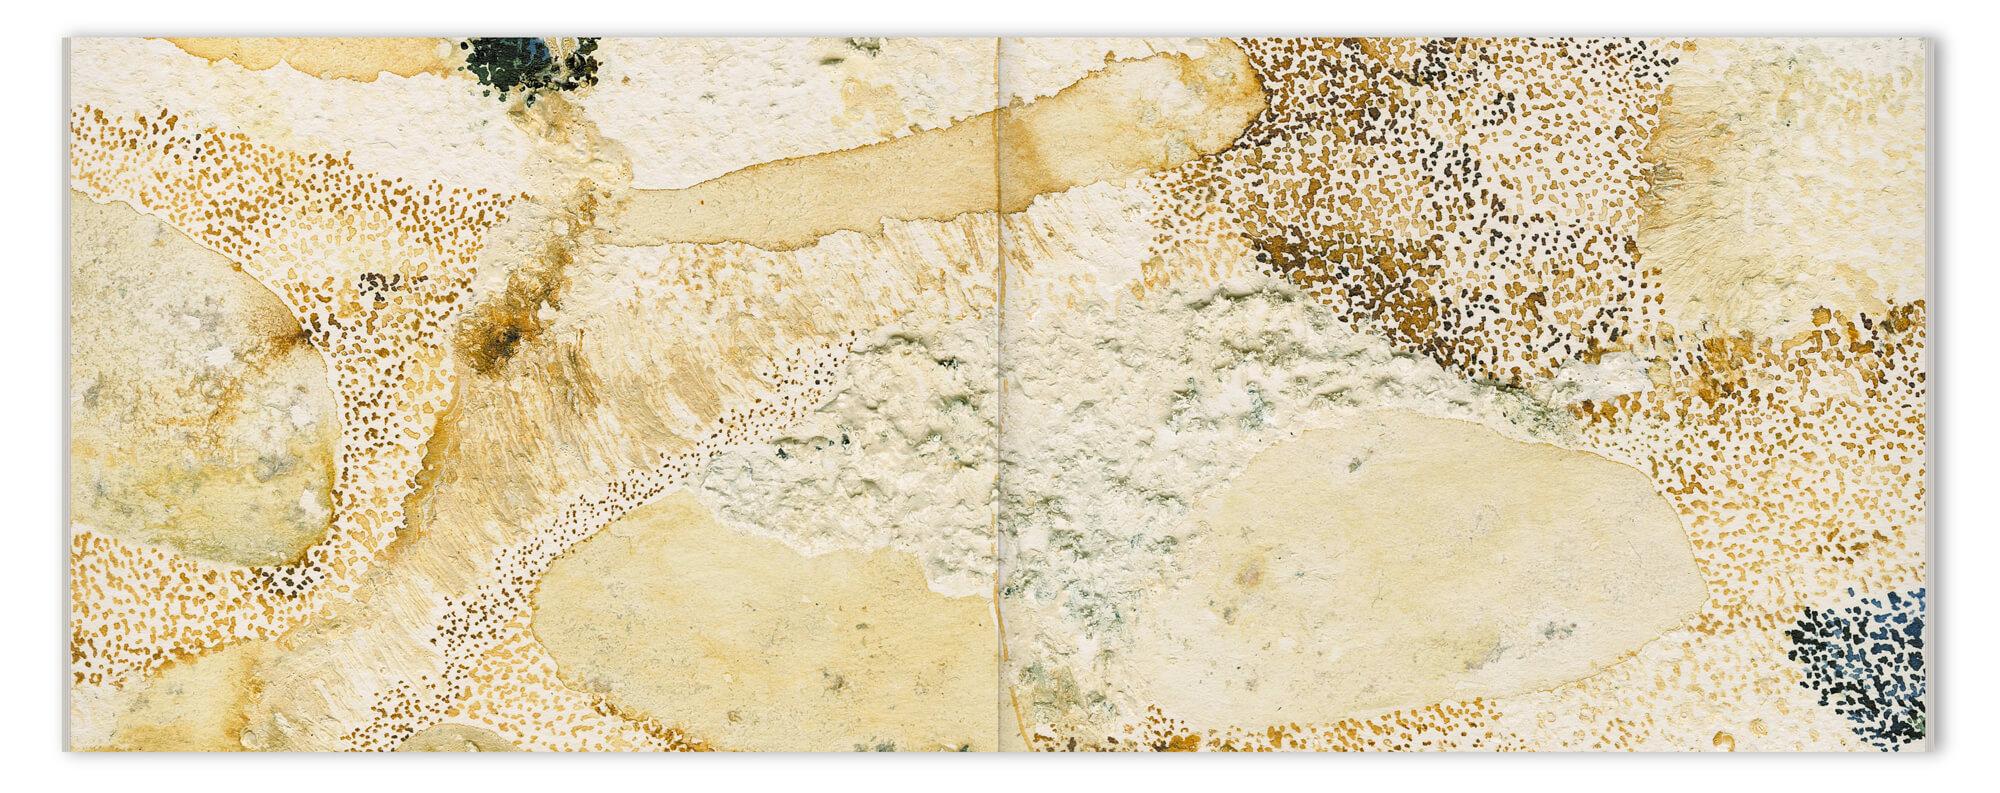 Détails sur le dessin de Daniela Busarello. La reliure Layflat permet d'avoir l'image à plat sur la double page, Design IchetKar